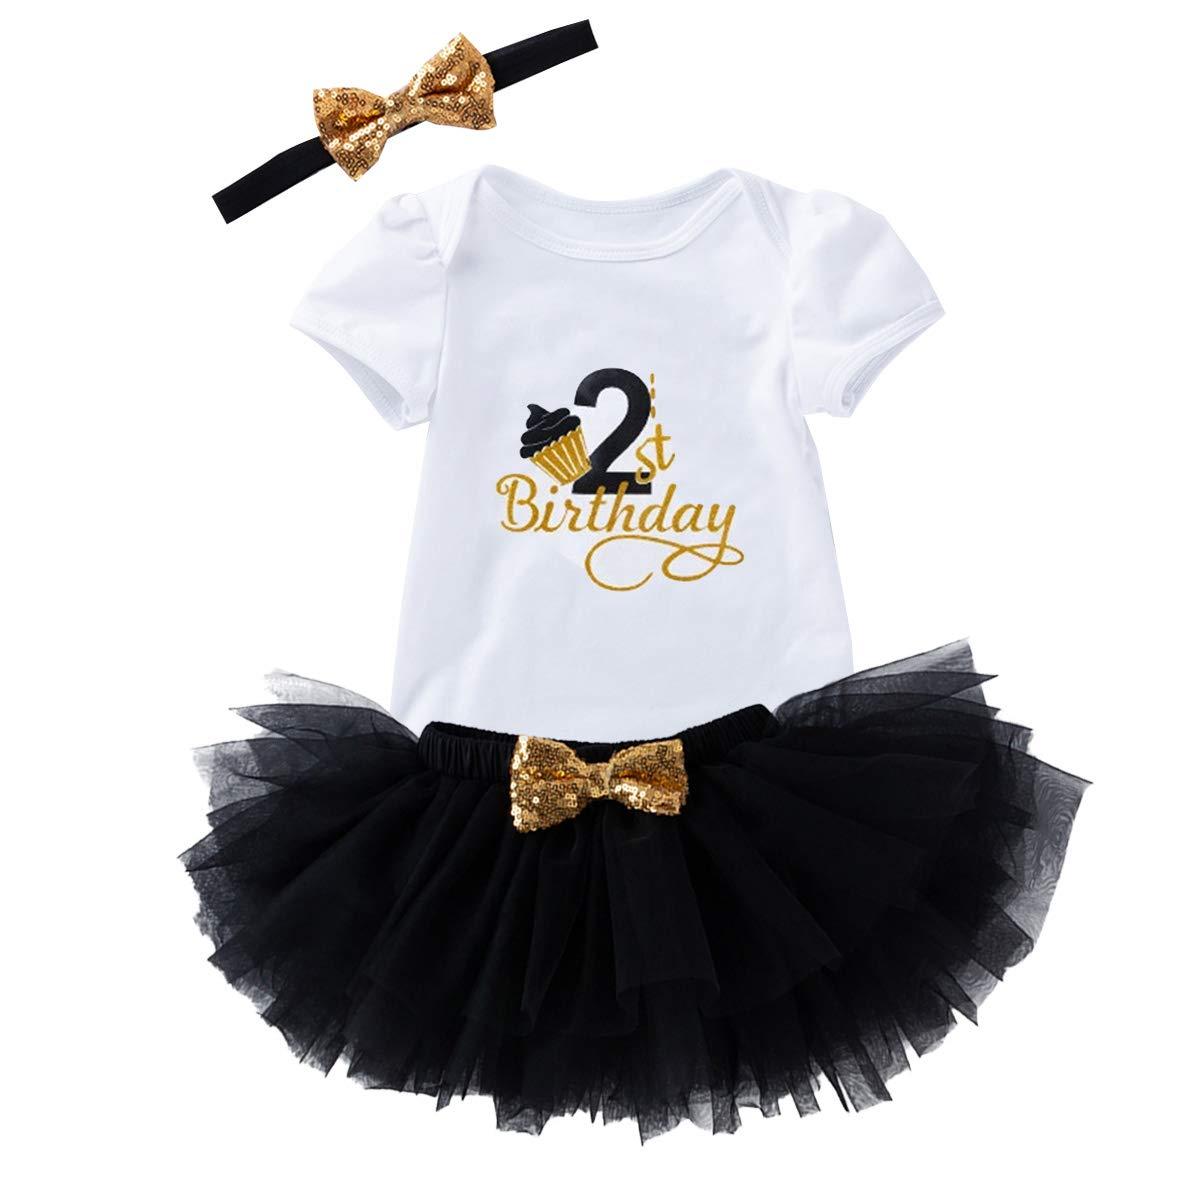 Amazon.com: Conjunto de 3 piezas de vestido de fiesta de ...